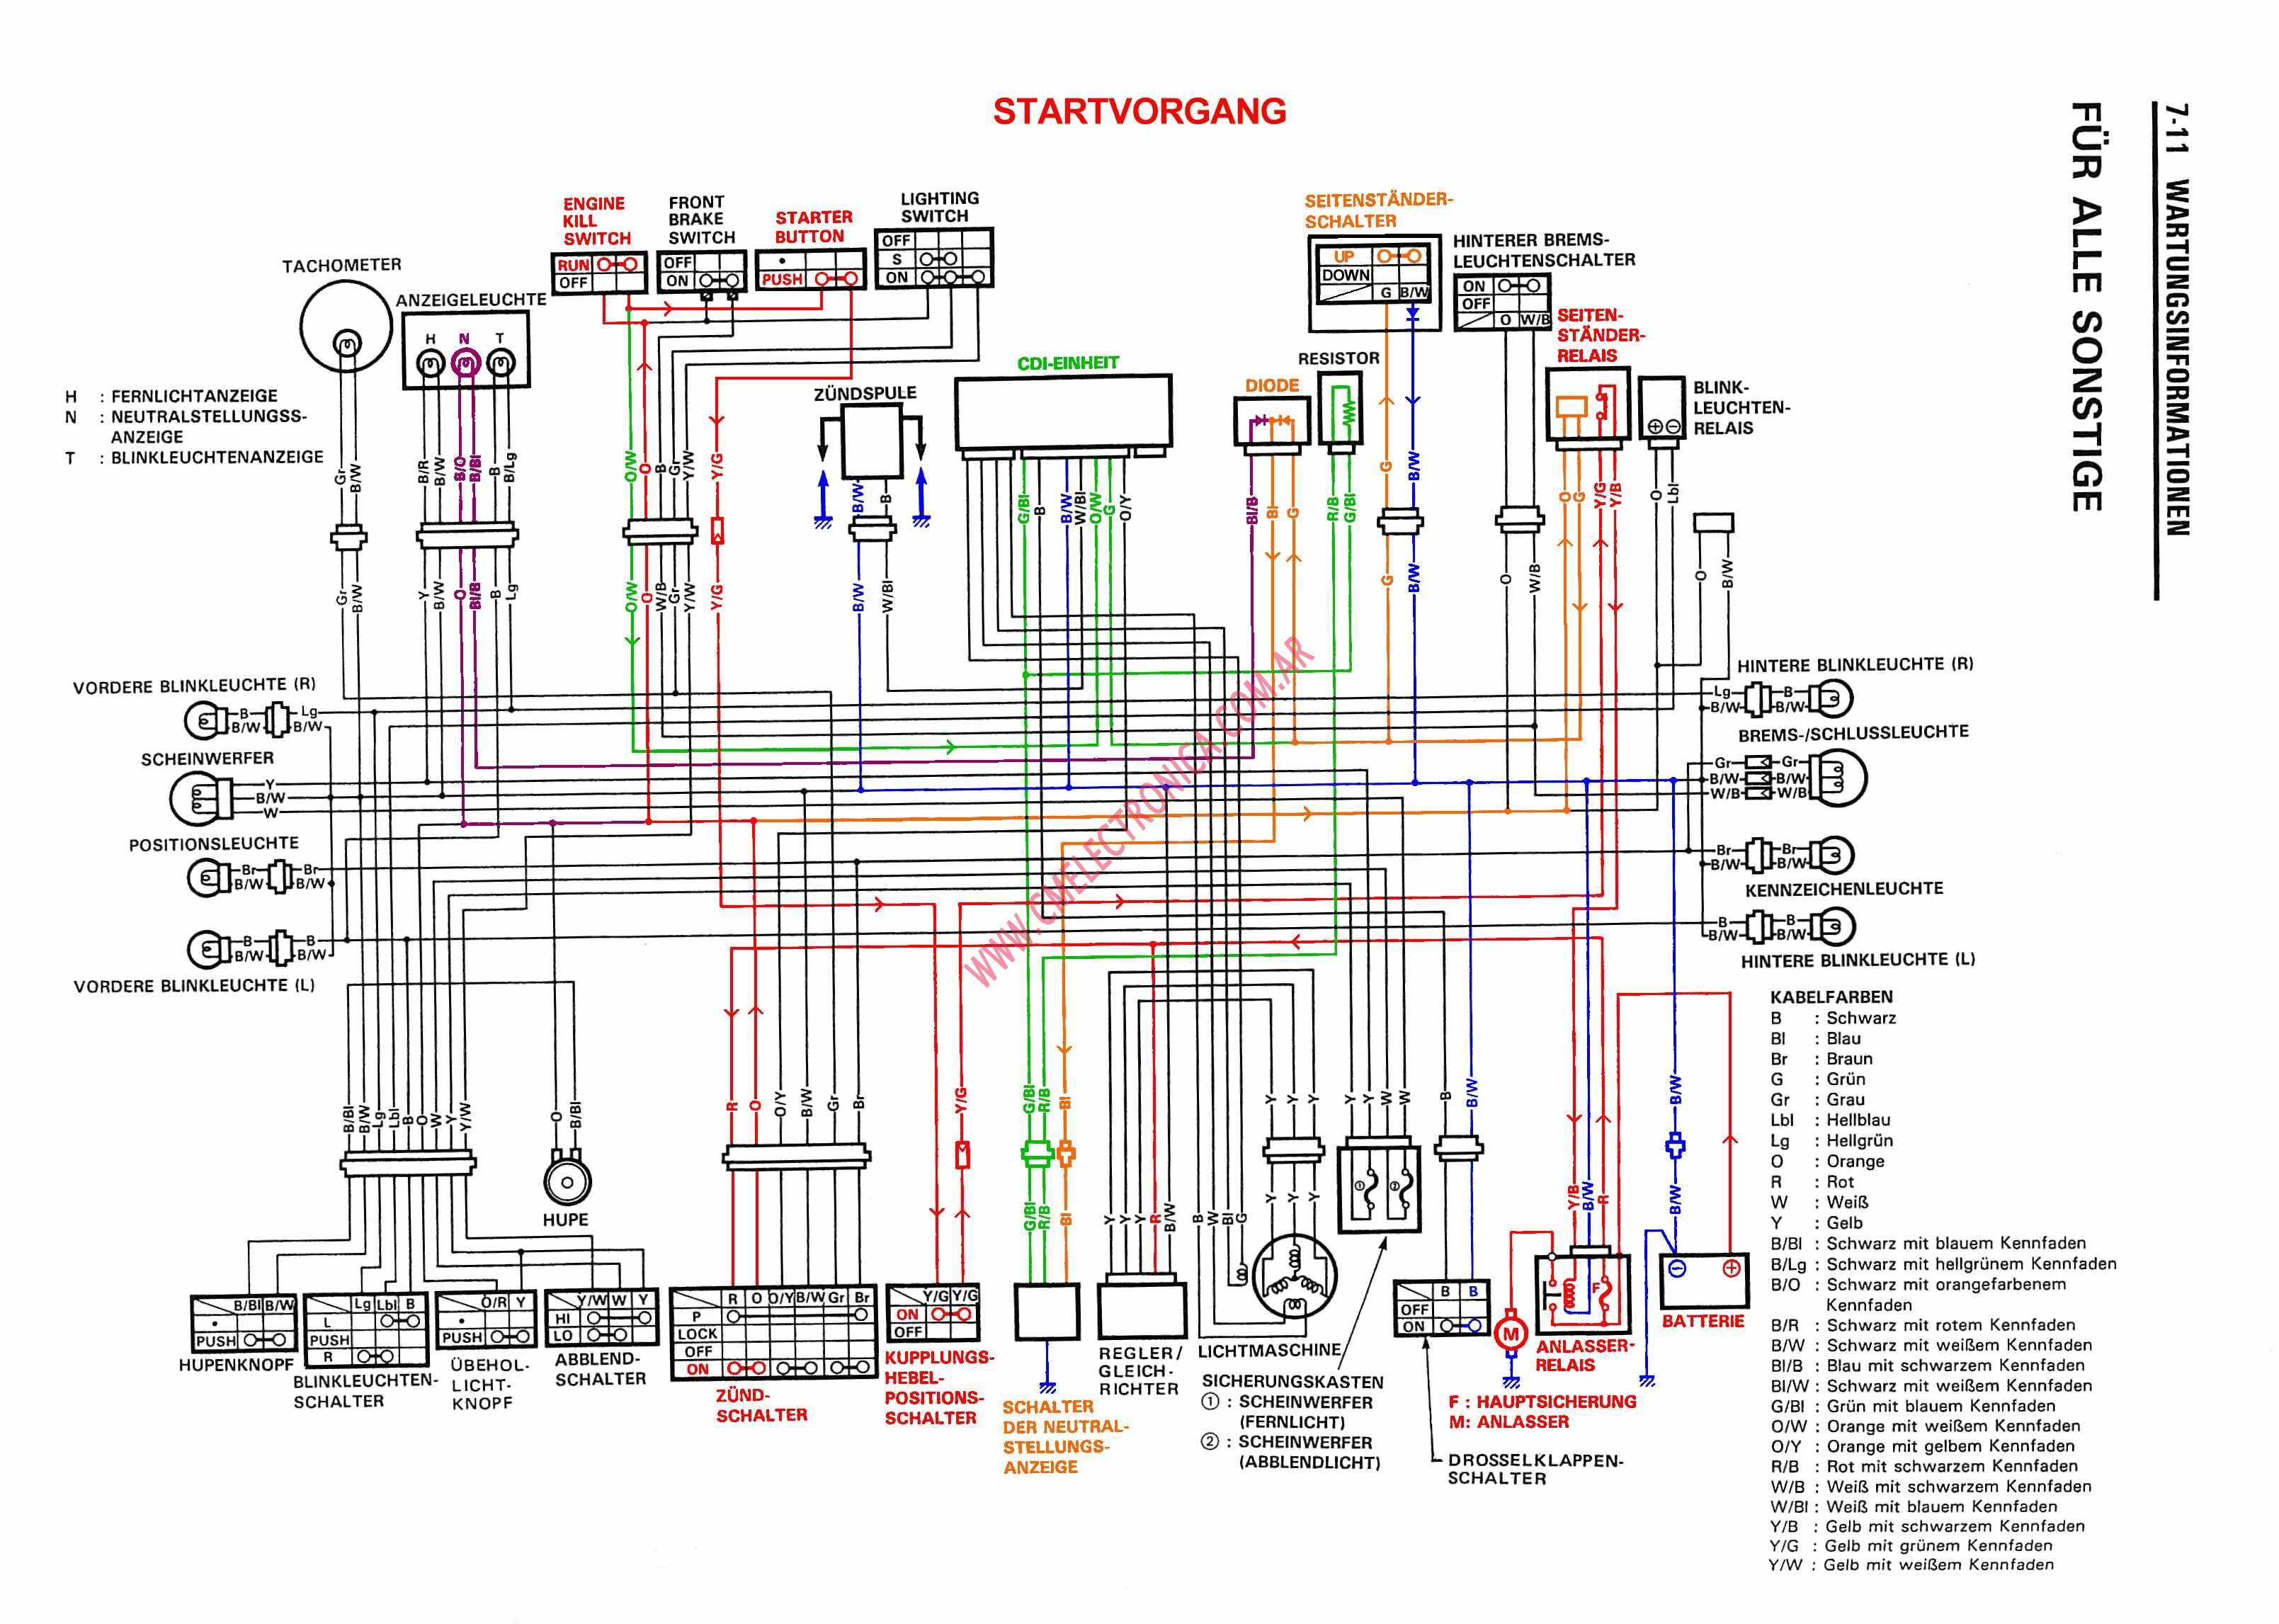 Suzuki Gt250 Wiring Diagram - Harmar Al500 Wiring Harness for Wiring  Diagram Schematics | Basic Wiring Suzuki |  | Wiring Diagram Schematics